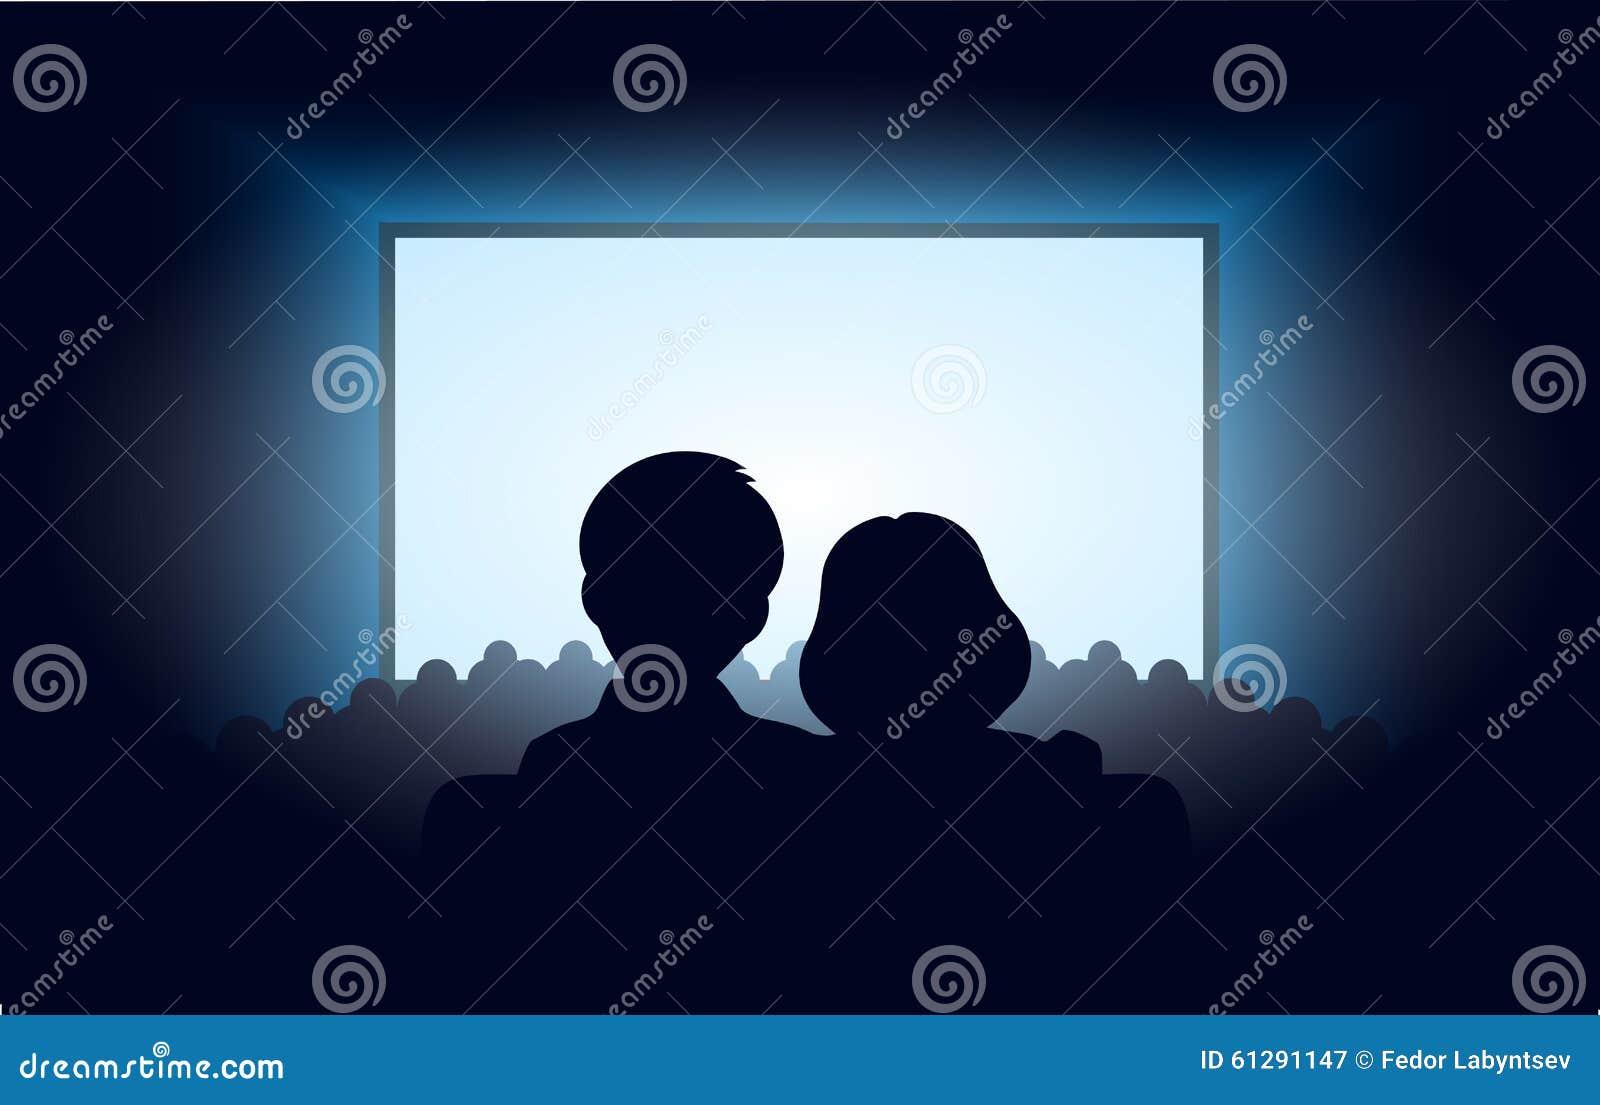 在电影院现出轮廓一对爱恋的夫妇